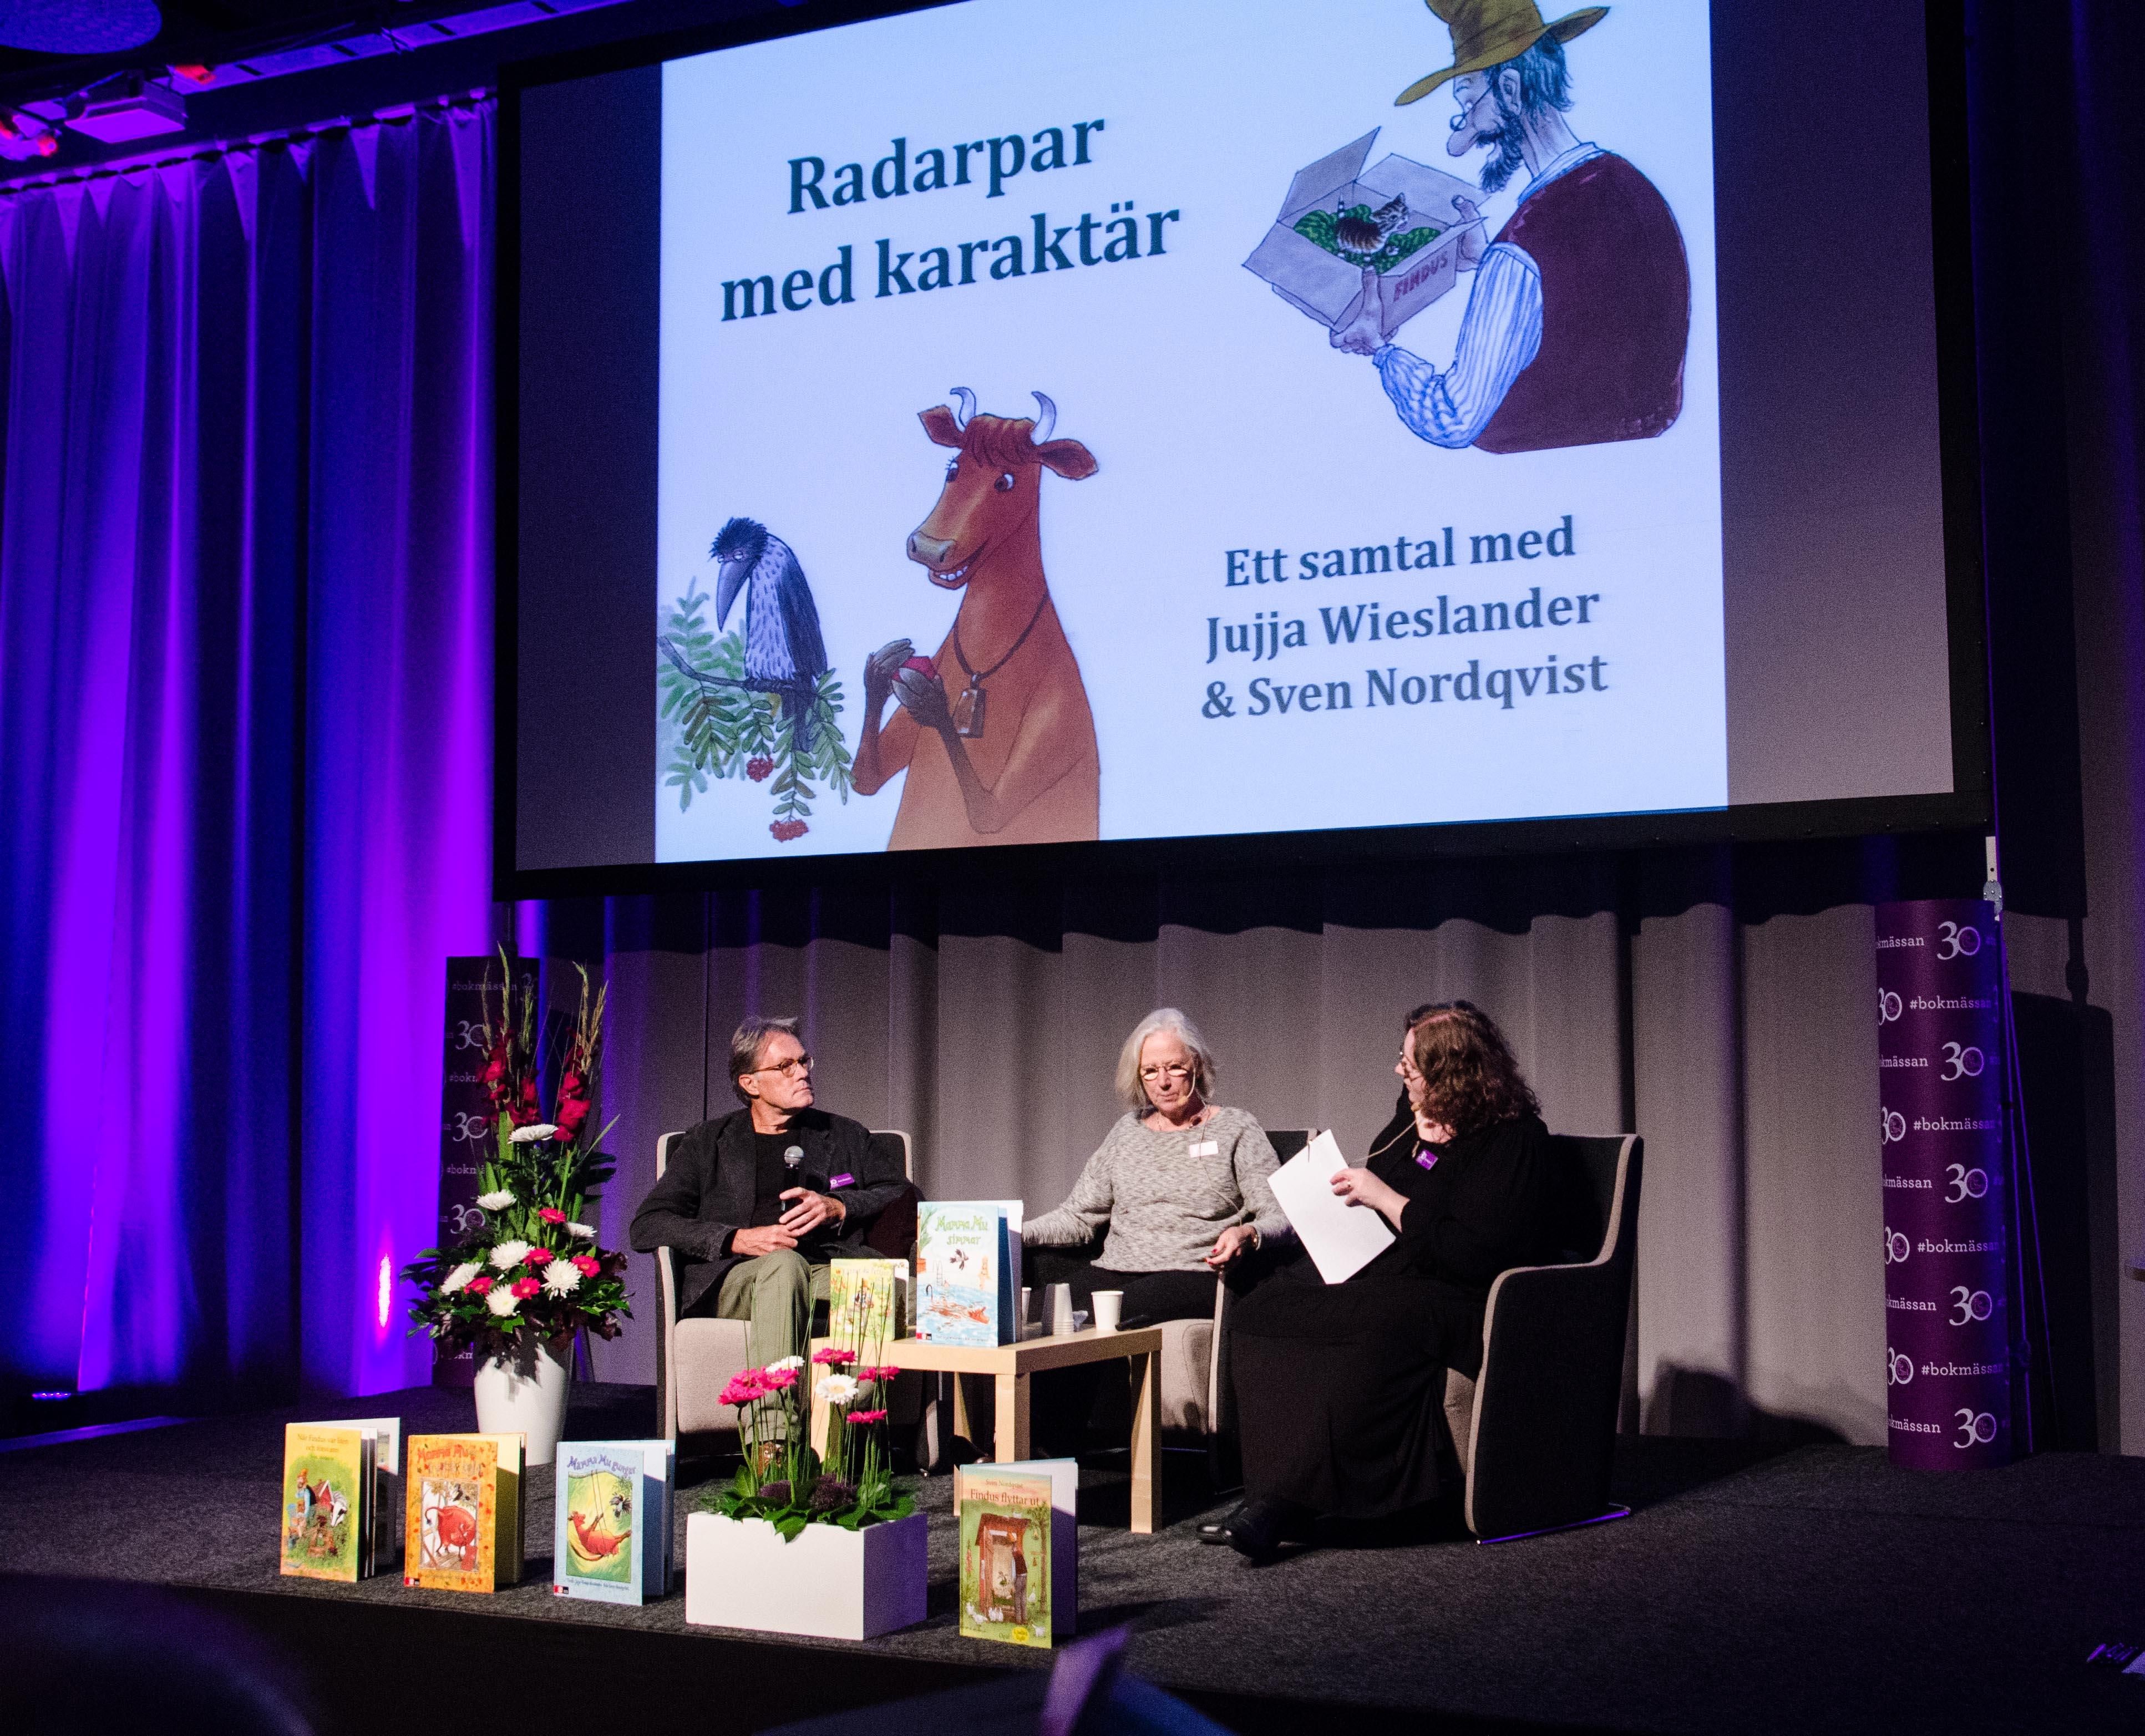 Jujja Wieslander och Sven Nordqvist